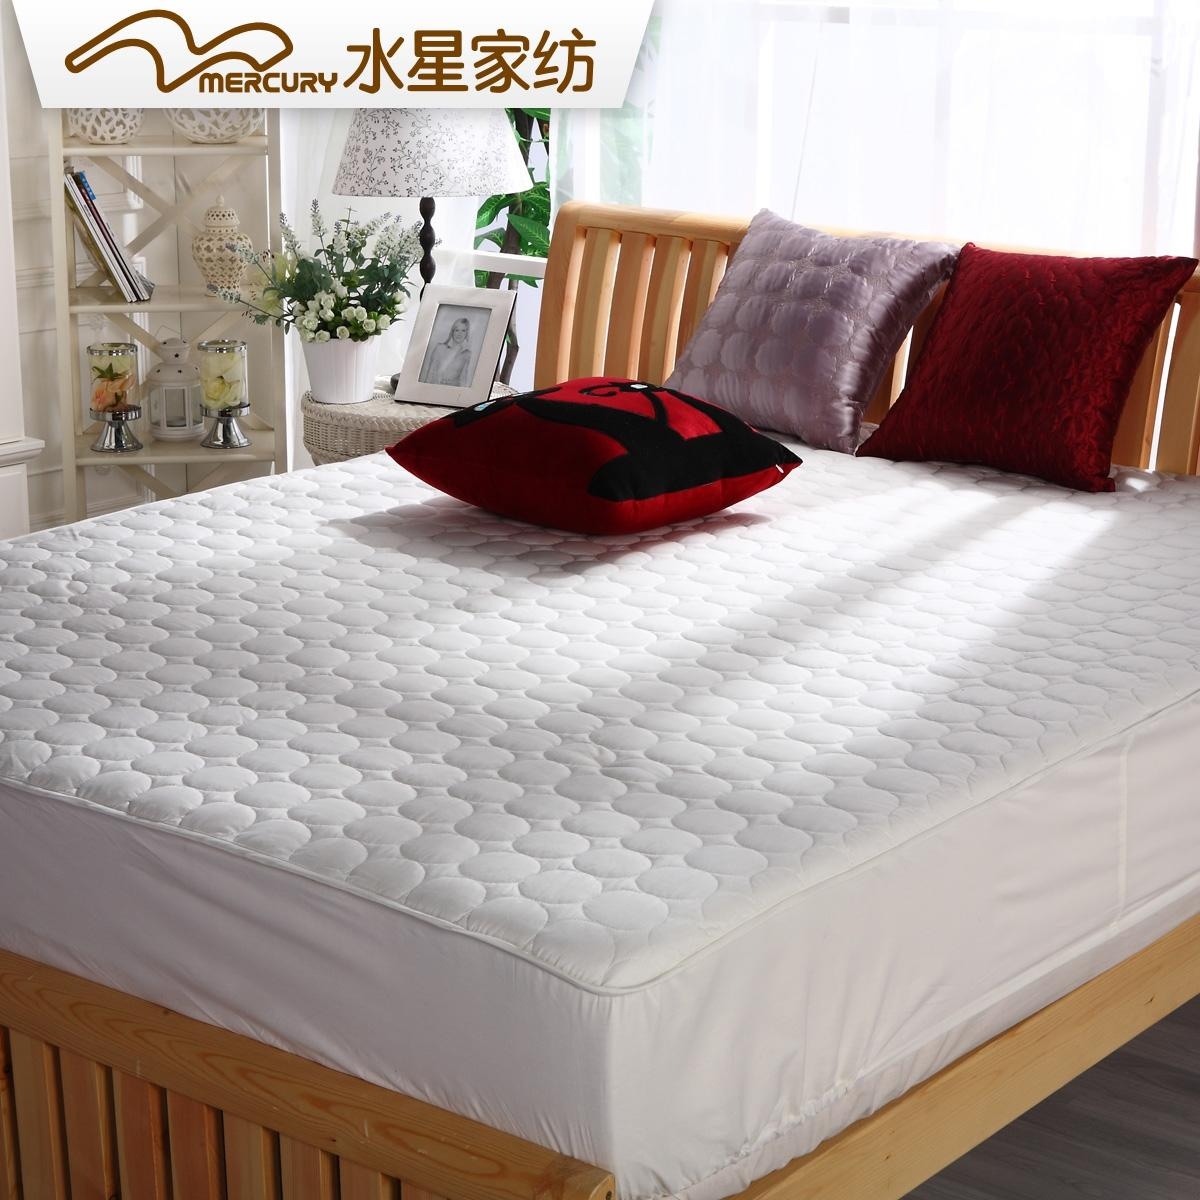 水星家纺床垫席梦思床笠简约防滑双人1.8m床垫保护套防尘罩套